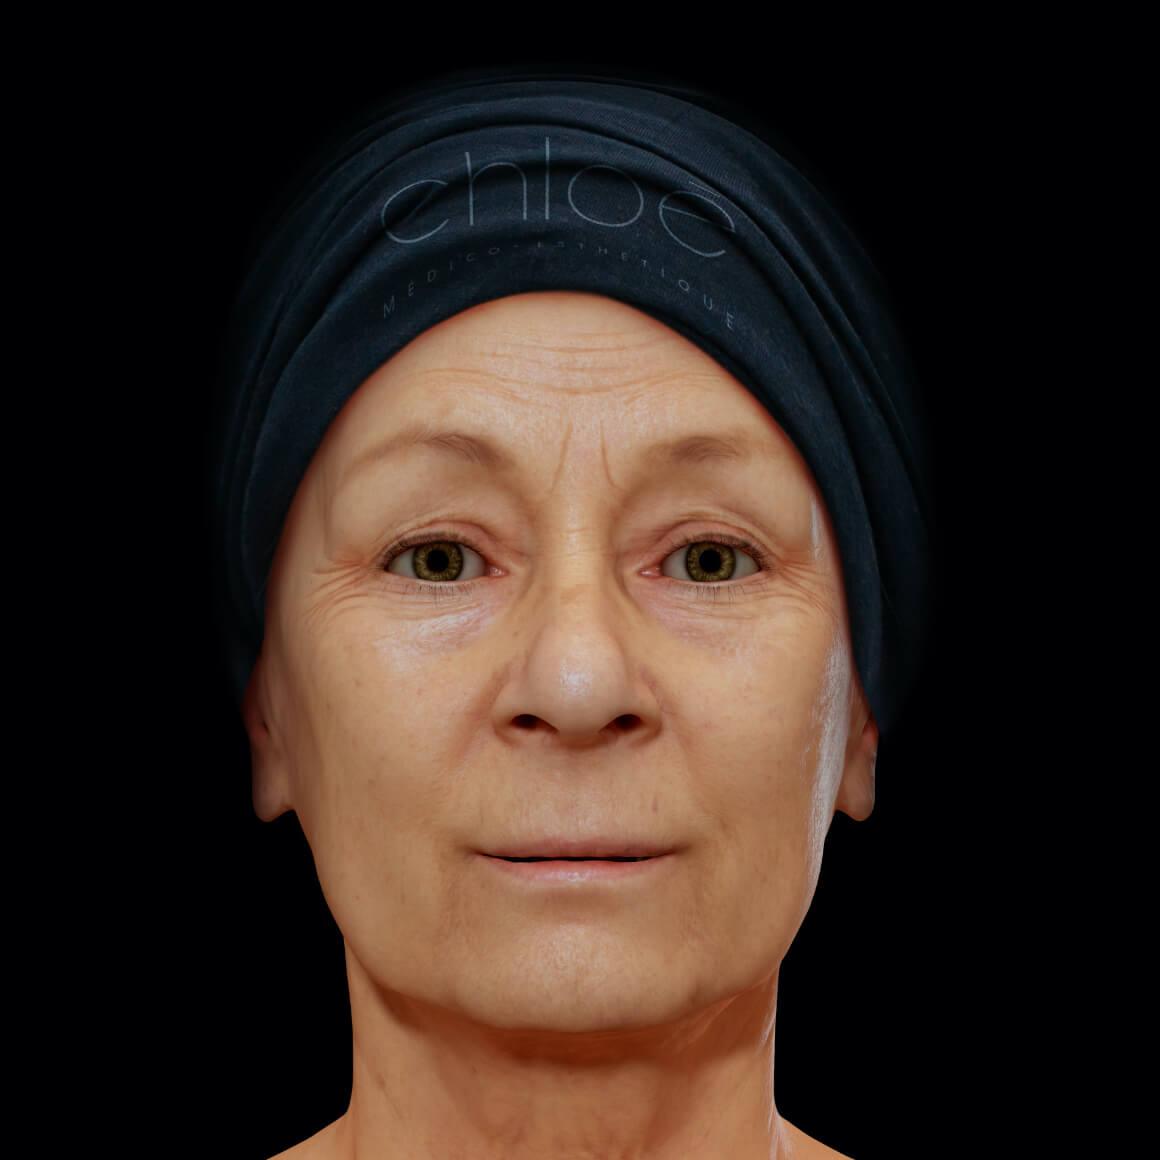 Femme patiente à la Clinique Chloé positionnée de face démontrant des rides et ridules au niveau du visage